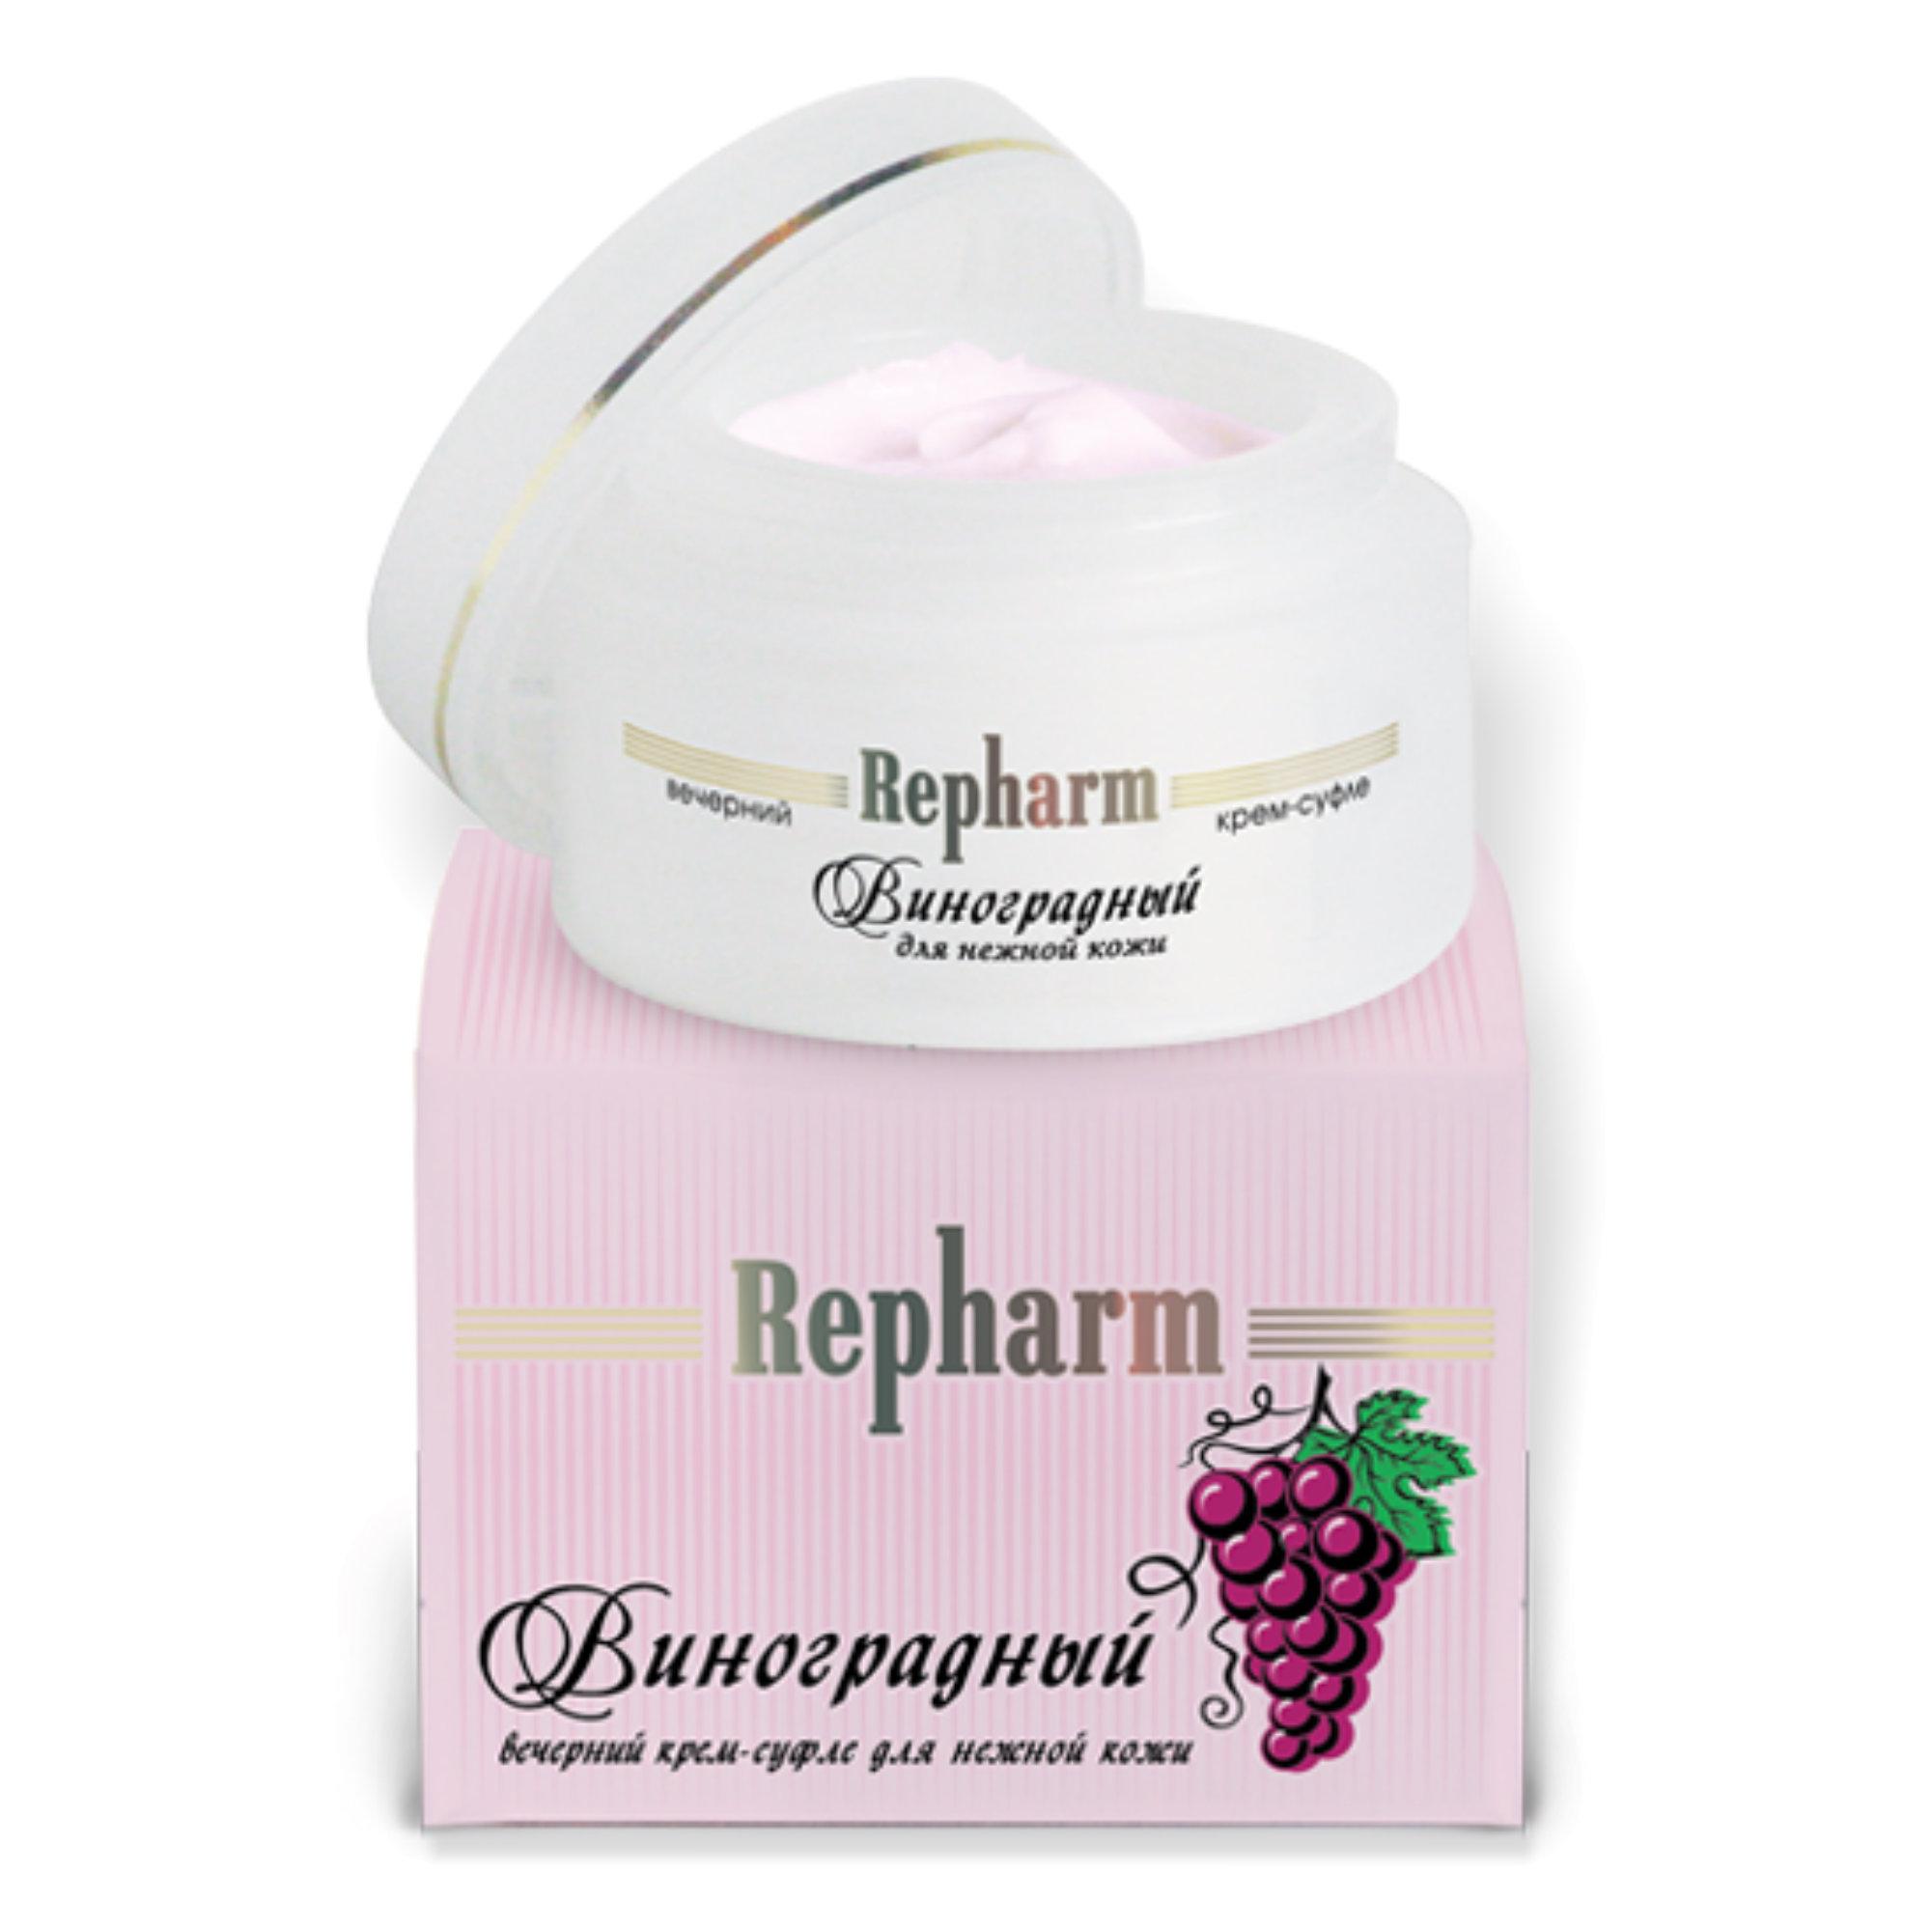 РЕФАРМ Вечерний крем-суфле для нежной кожи  ВИНОГРАДНЫЙ  / Repharm 50млКремы<br>Виноград   замечательный природный источник витаминов, микроэлементов, пектиновых веществ, сахаров и фруктовых кислот: лимонной, янтарной, яблочной, муравьиной, салициловой. Виноград содержит особый компонент   ресвератрол, с выра-женным антиоксидантным действием, замедляющий возрастные изменения в коже. Масло виноградных косточек смягчает, питает и разглаживает мелкие морщинки.<br><br>Объем: 50 мл<br>Вид средства для лица: Виноградный<br>Время применения: Вечерний